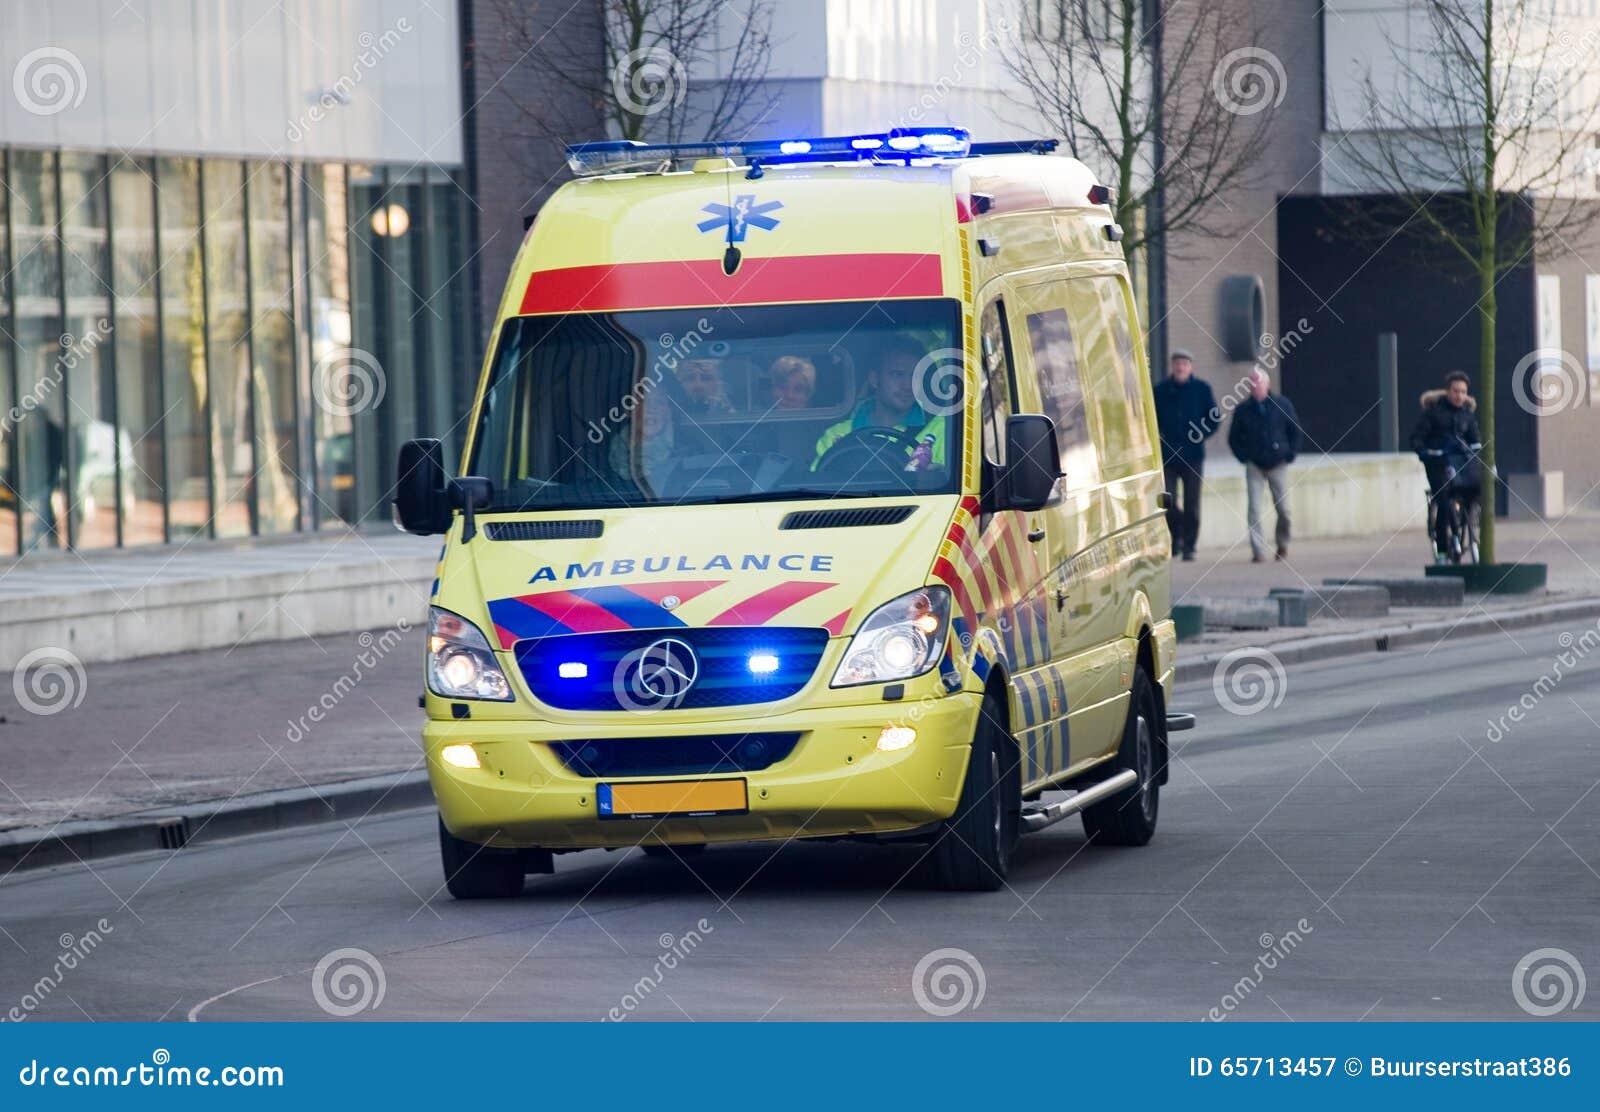 Ziekenwagen met lichten